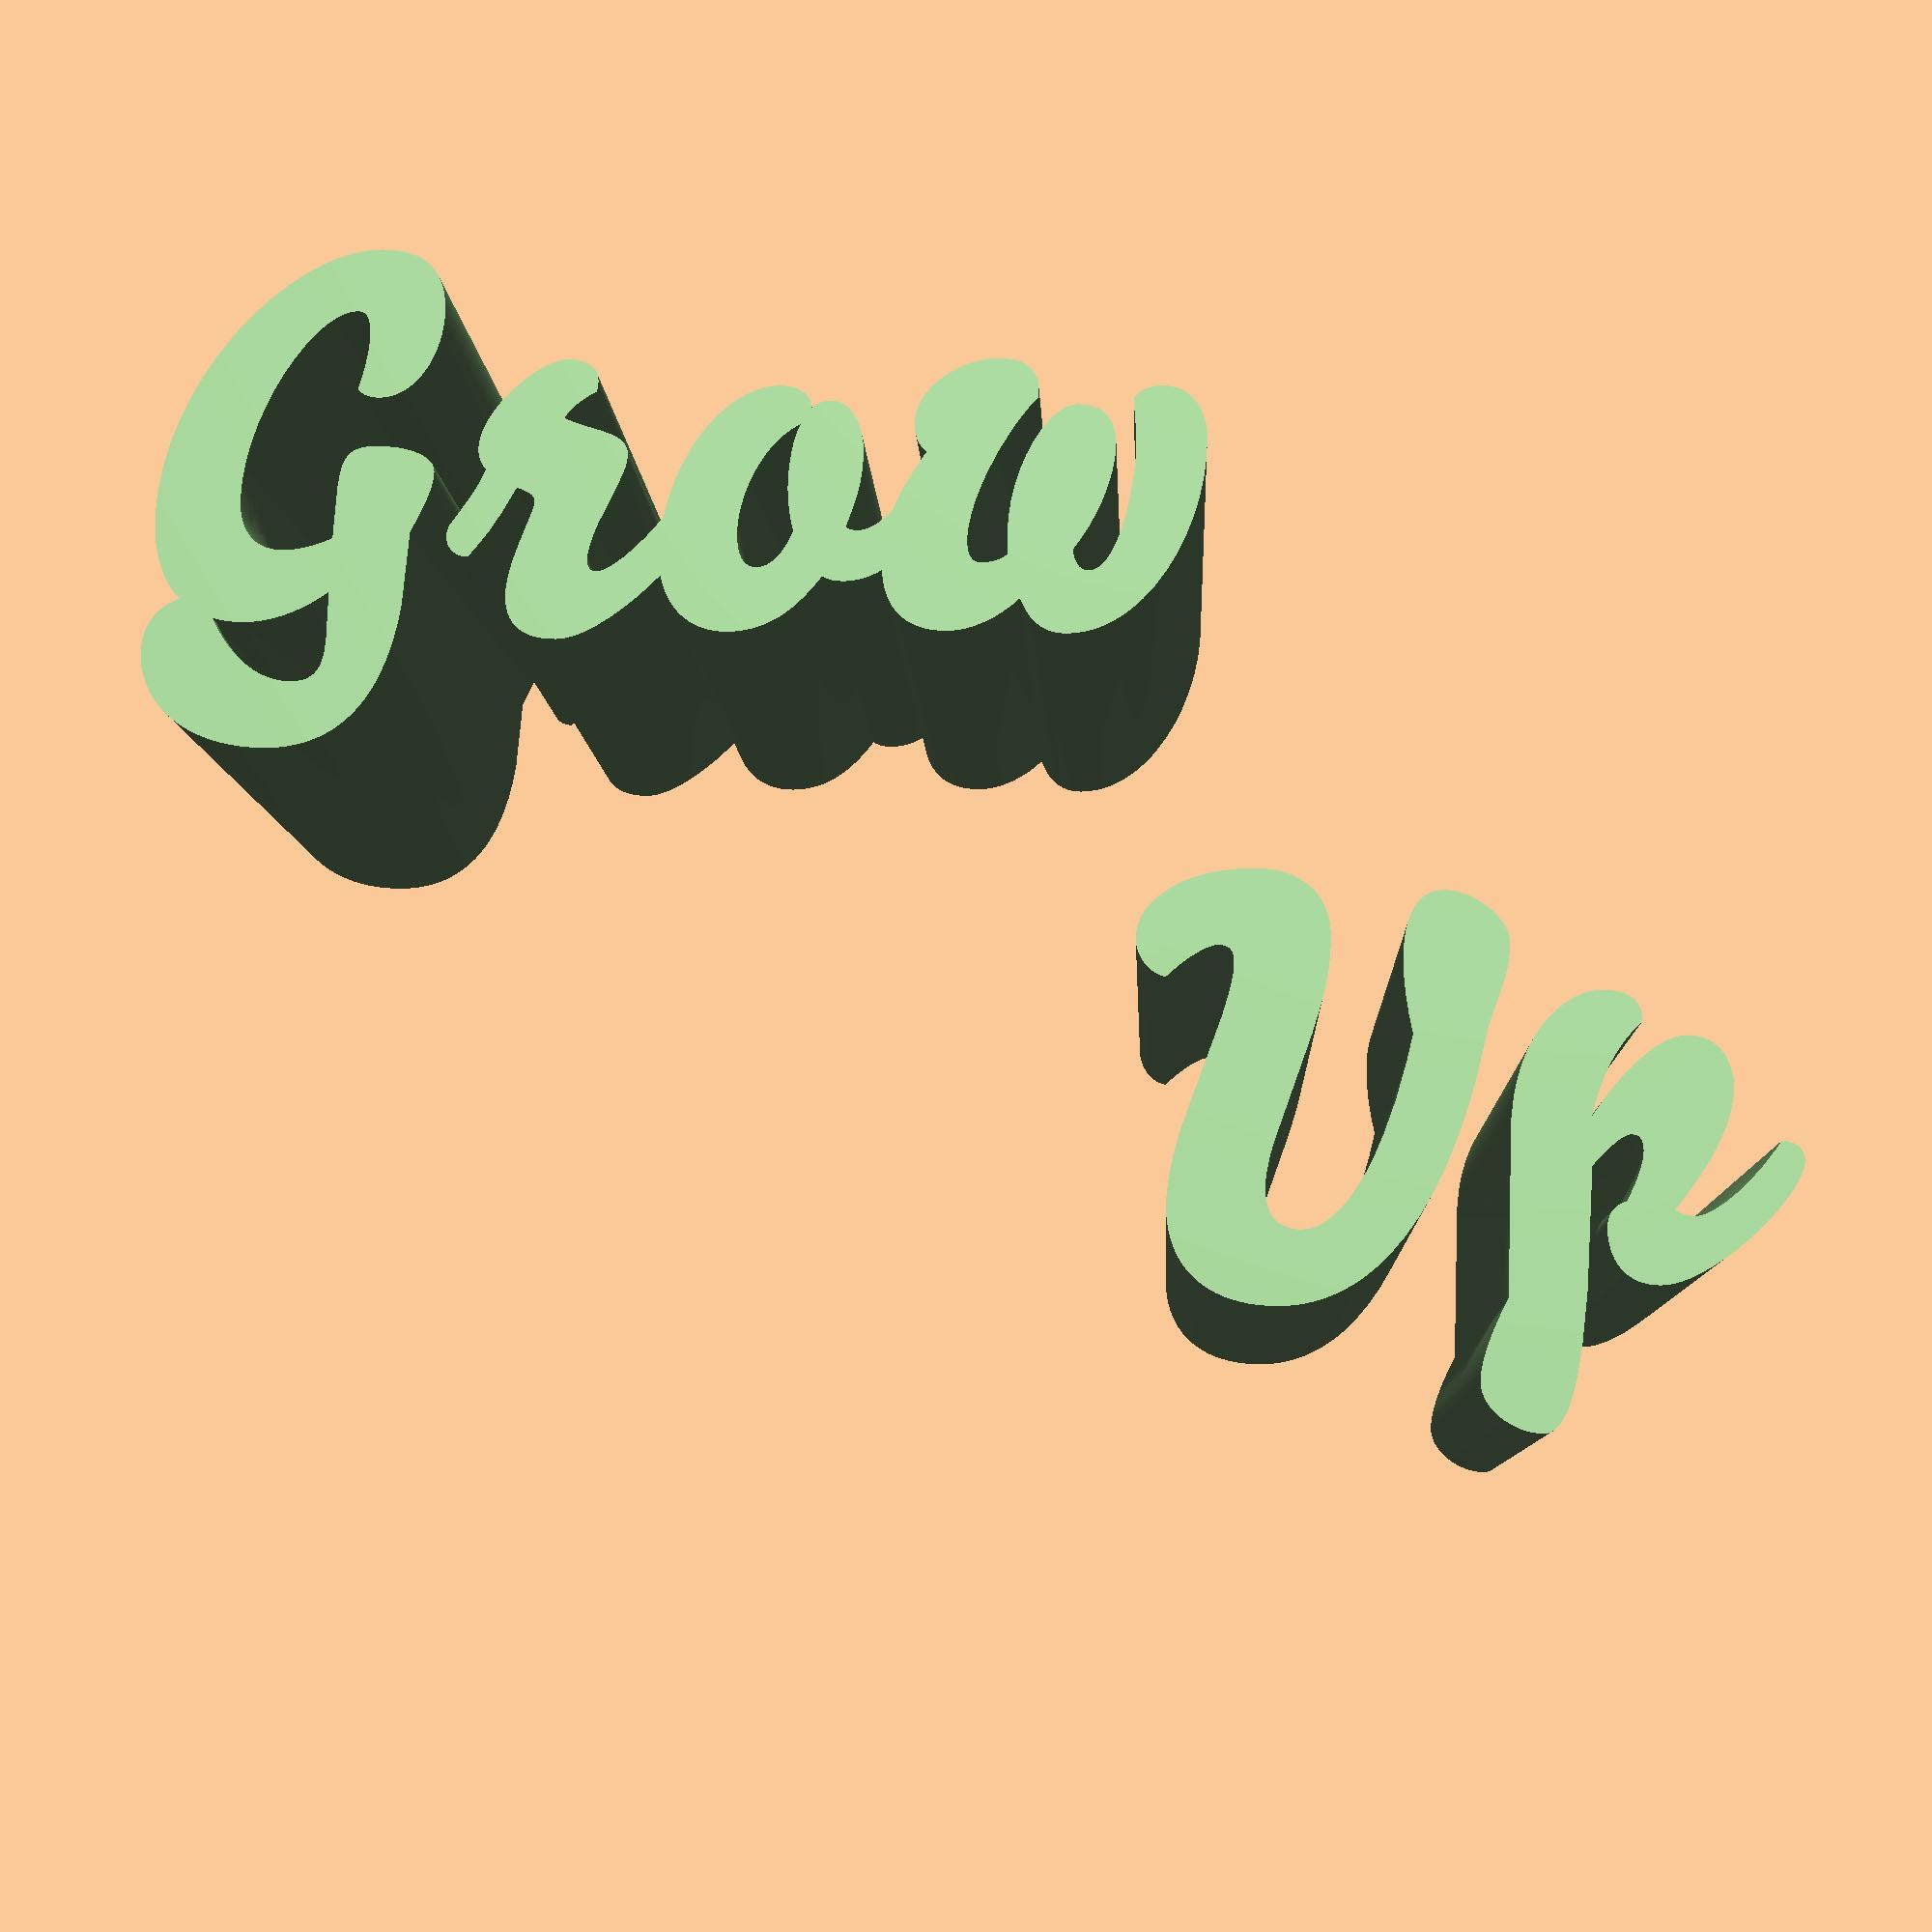 GrowUp.jpg